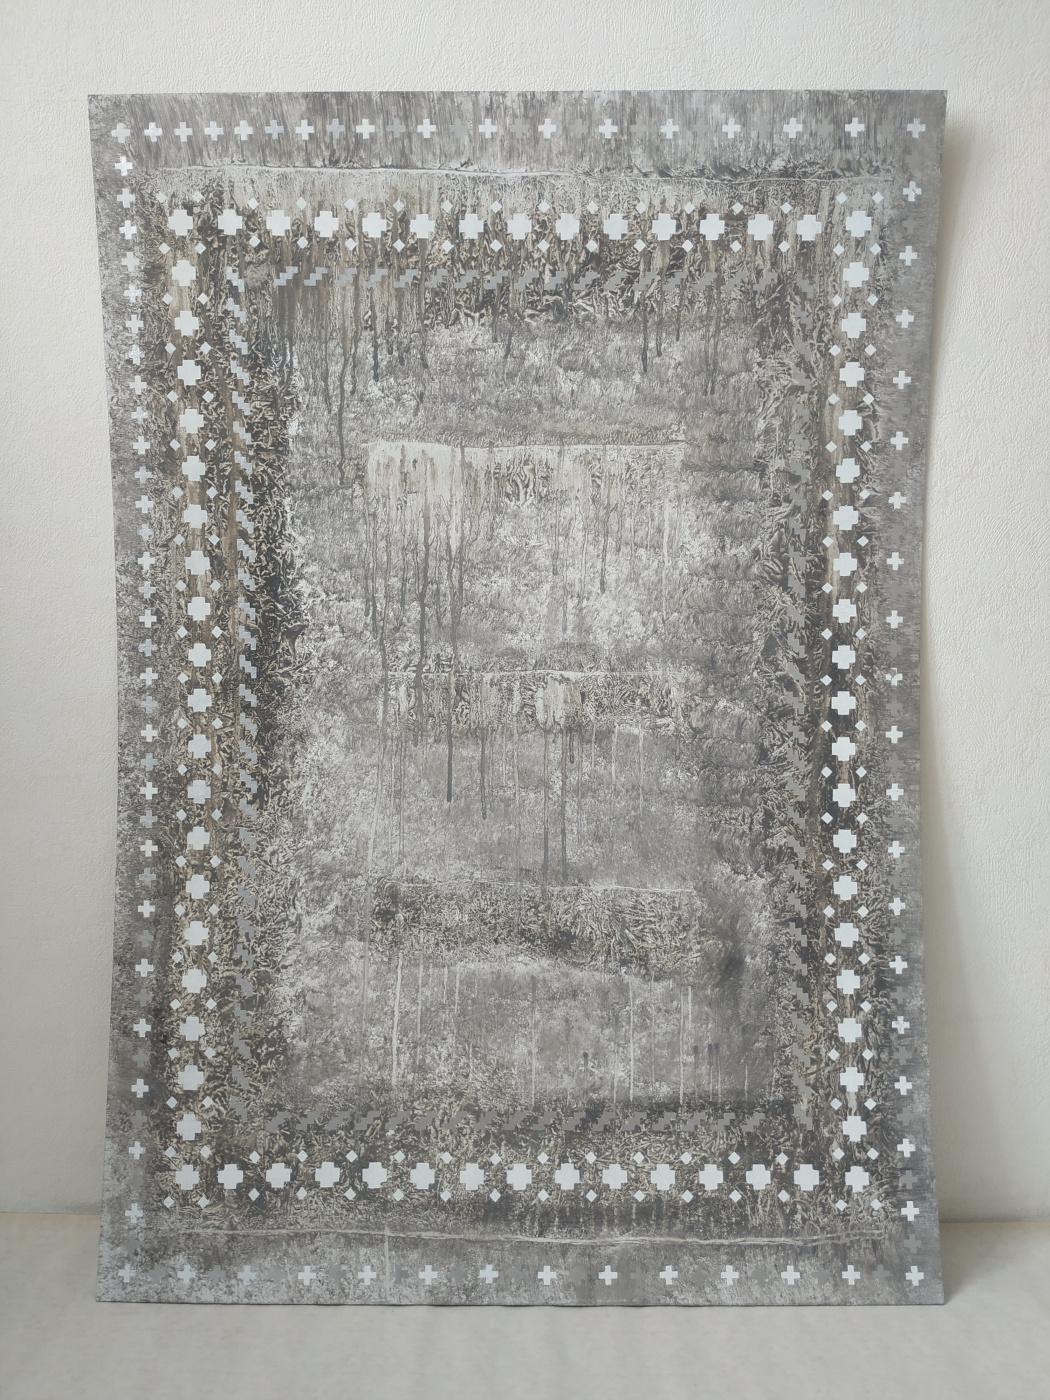 Gulzhanat Temirkhan. Abstraction 21